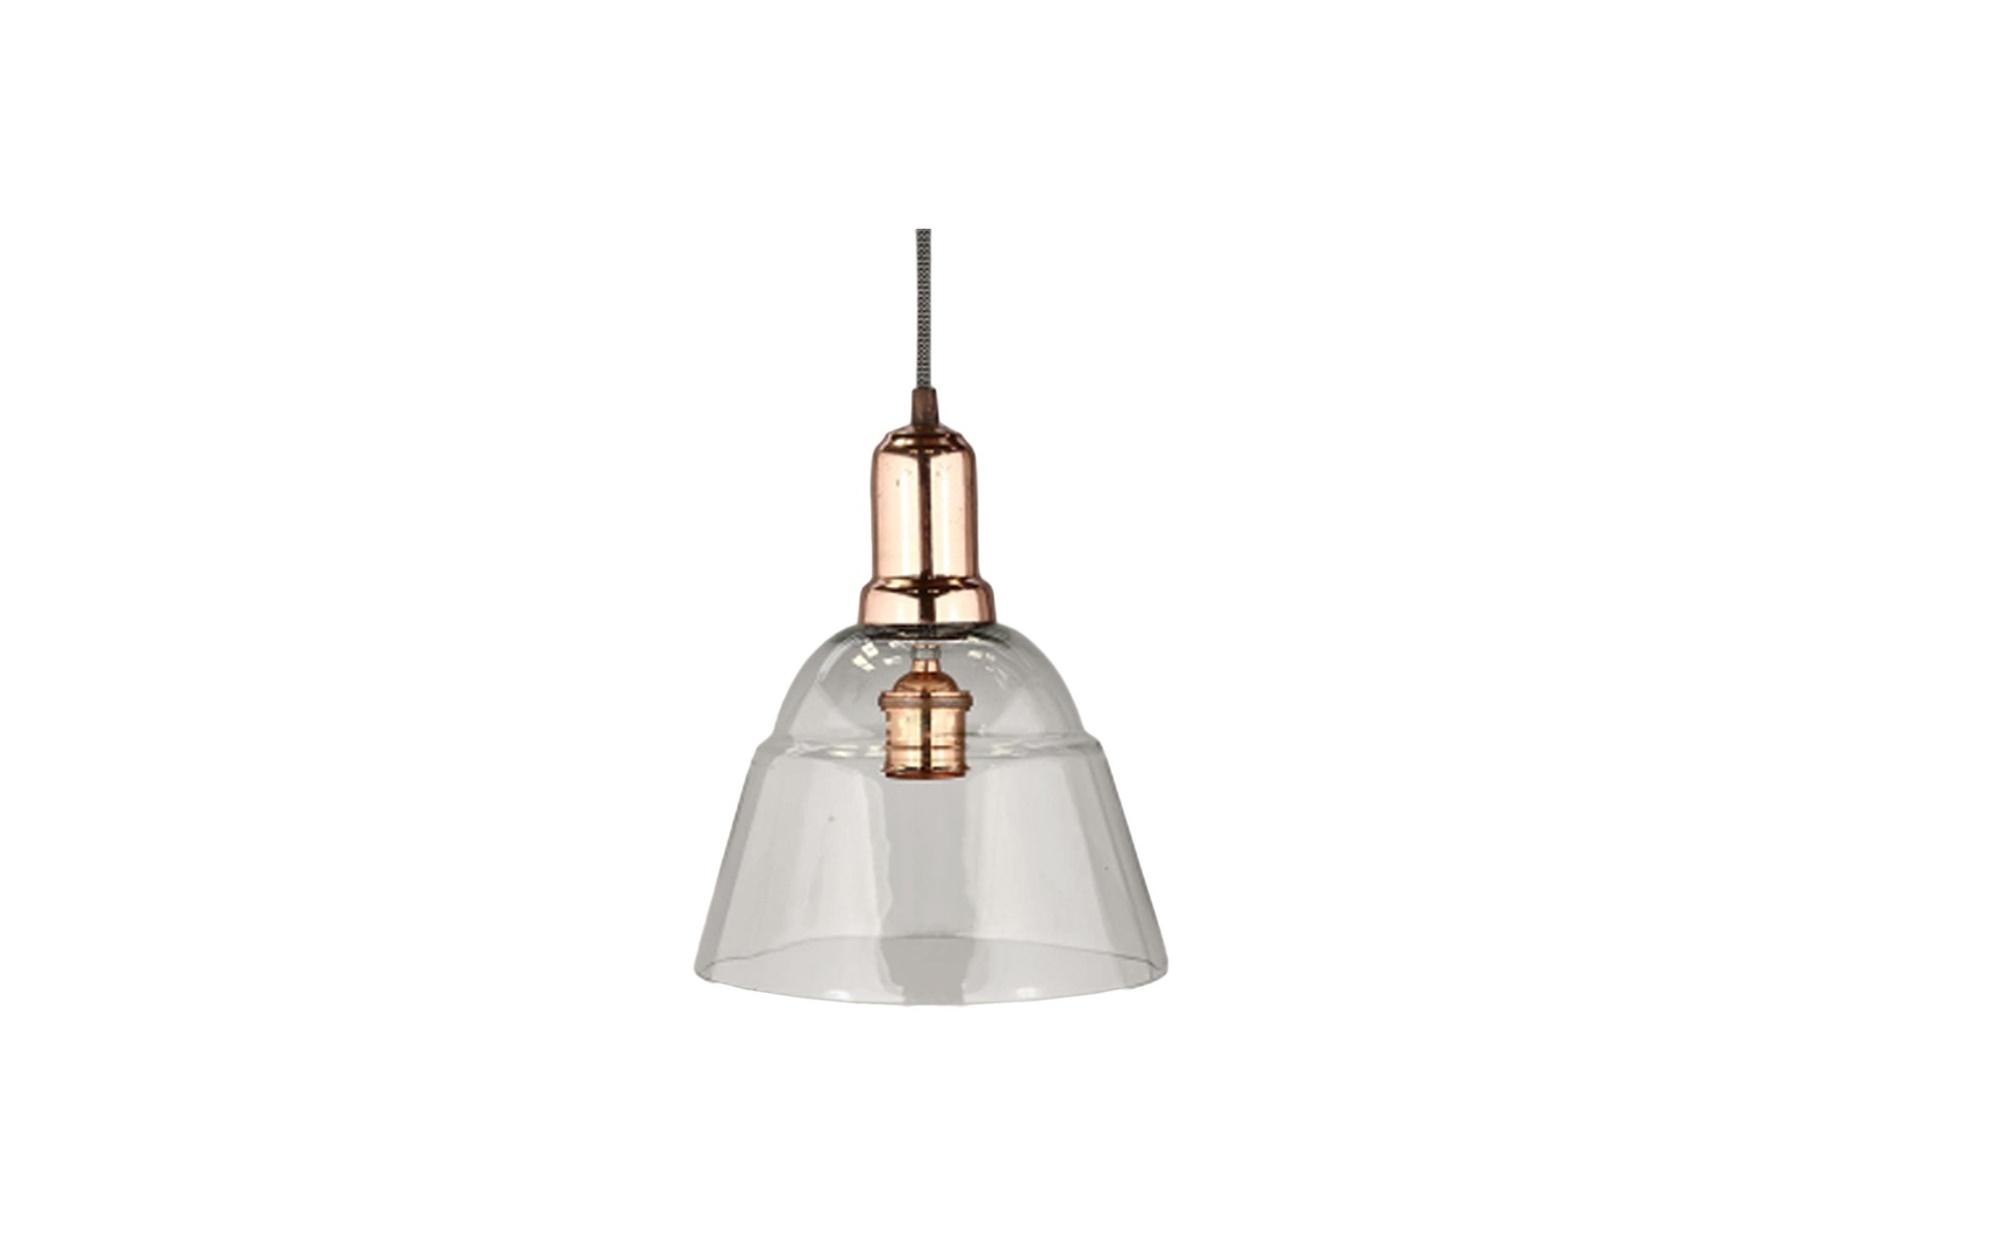 подвес SUSPENSIONПодвесные светильники<br>Тип цоколя, мощность: E27, 40 w<br><br>Material: Стекло<br>Height см: 32<br>Diameter см: 26